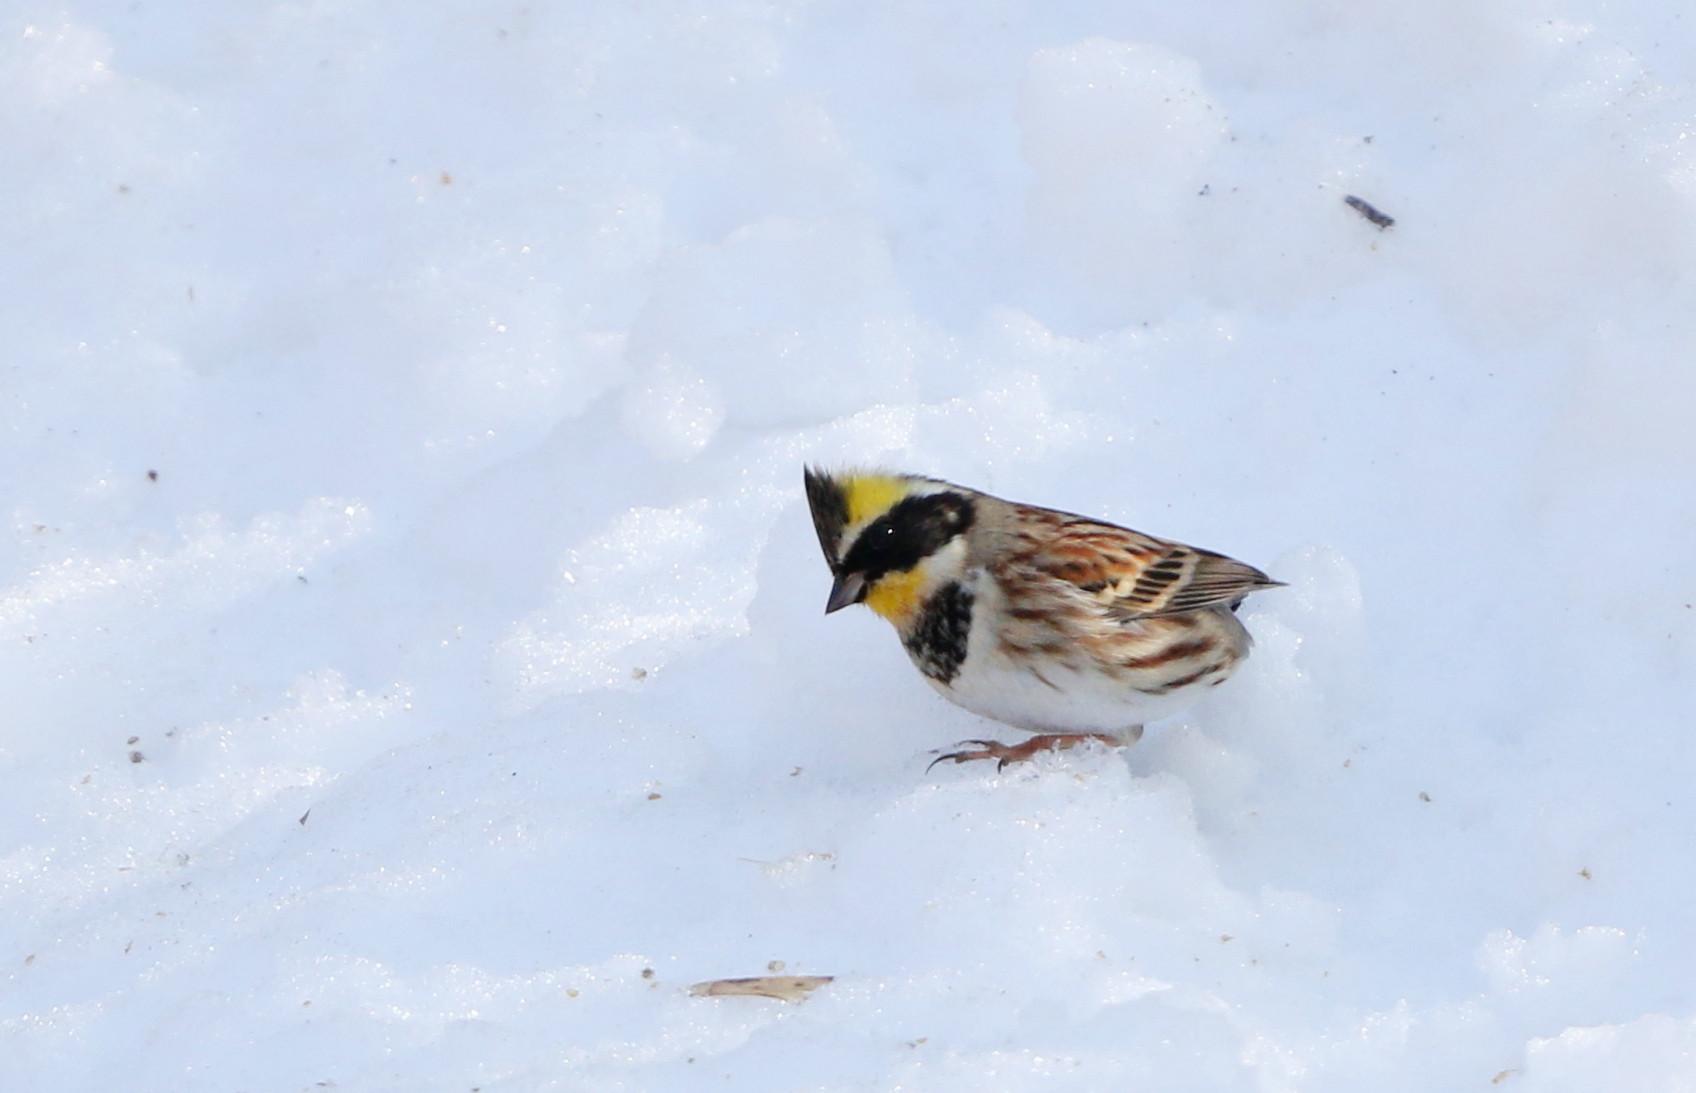 雪絡みのミヤマホオジロに逢いに_f0239515_18583062.jpg